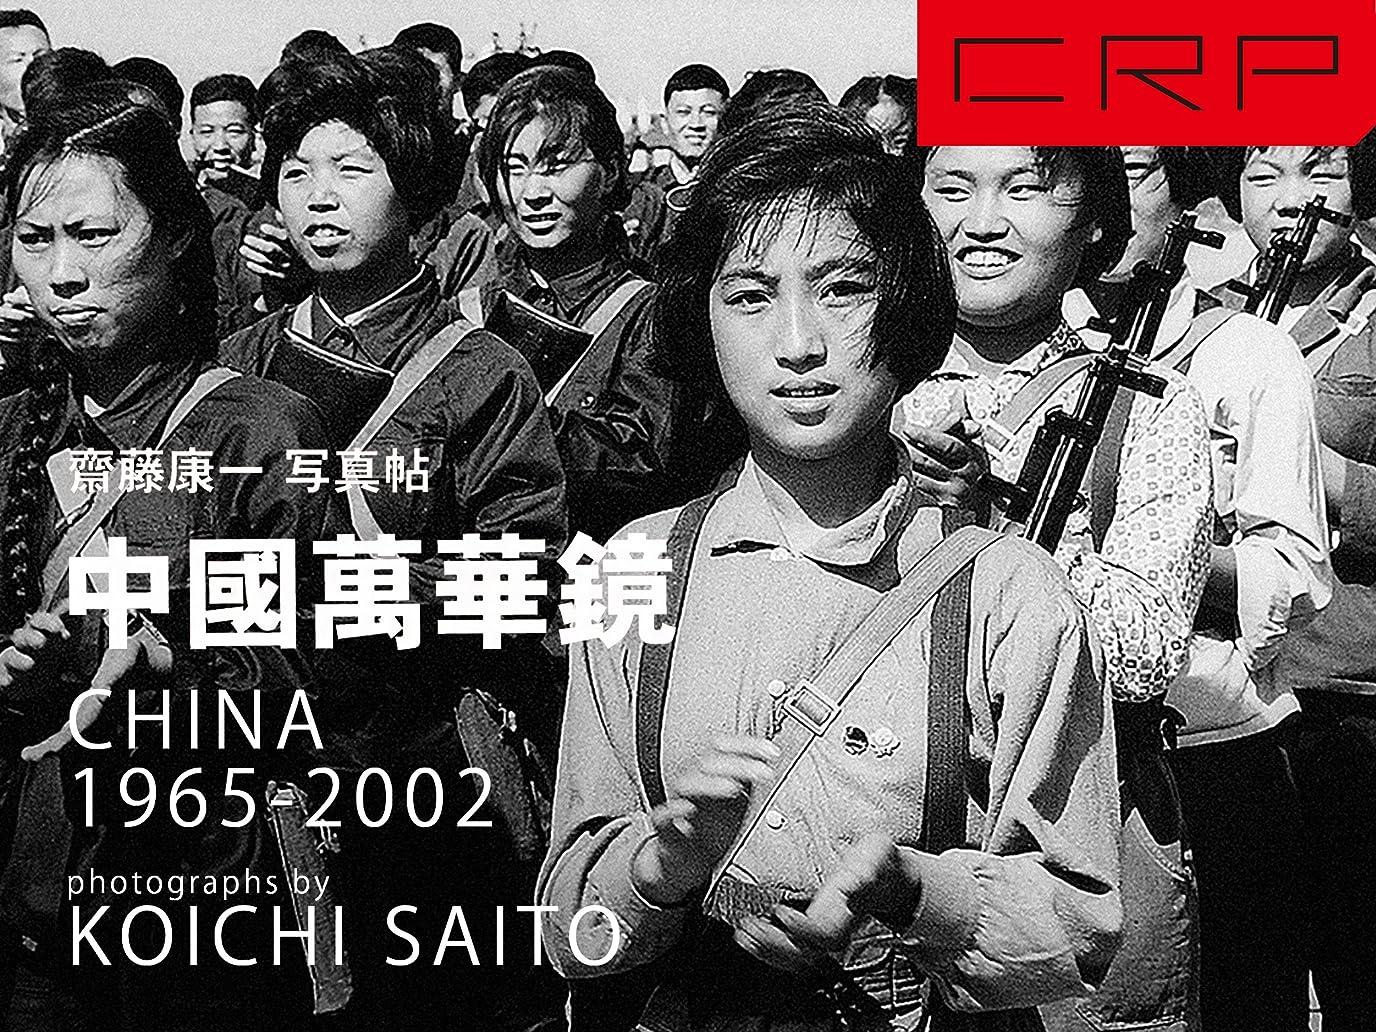 雑多な困惑ブロックするCRP CHINA 中国万華鏡 1965-2002 撮影 齋藤康一